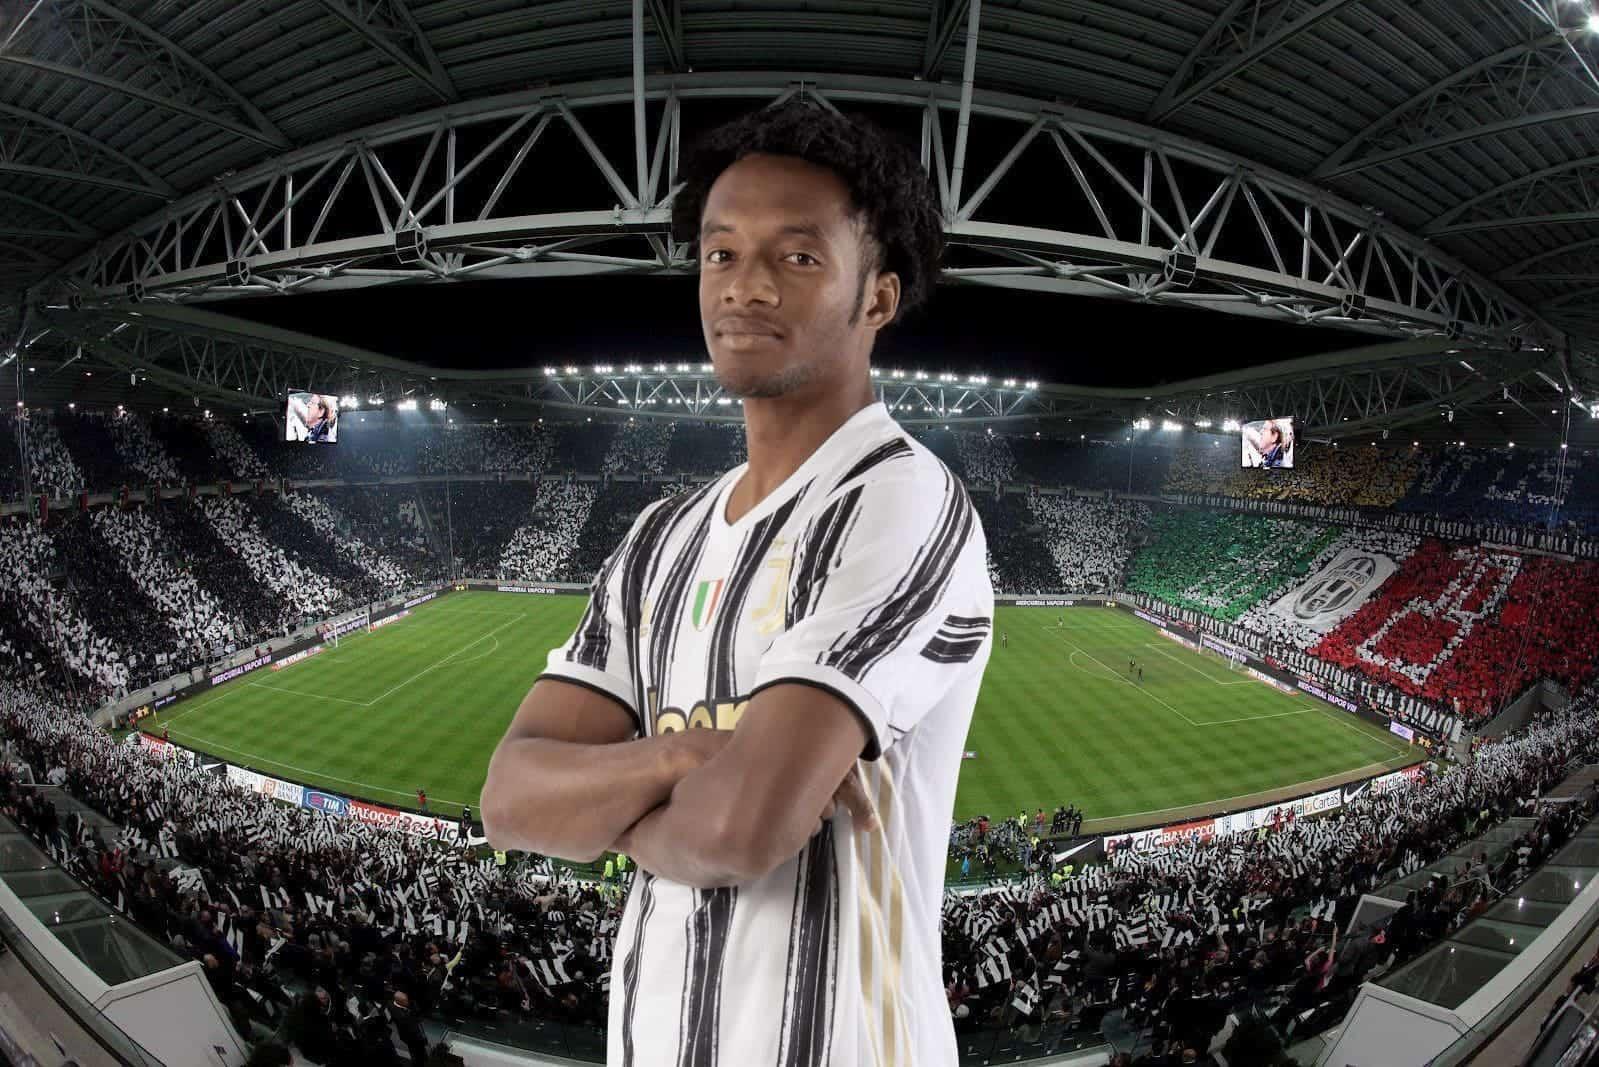 Pagelle Dinamo Kiev Juventus, bene Cuadrado: super Morata